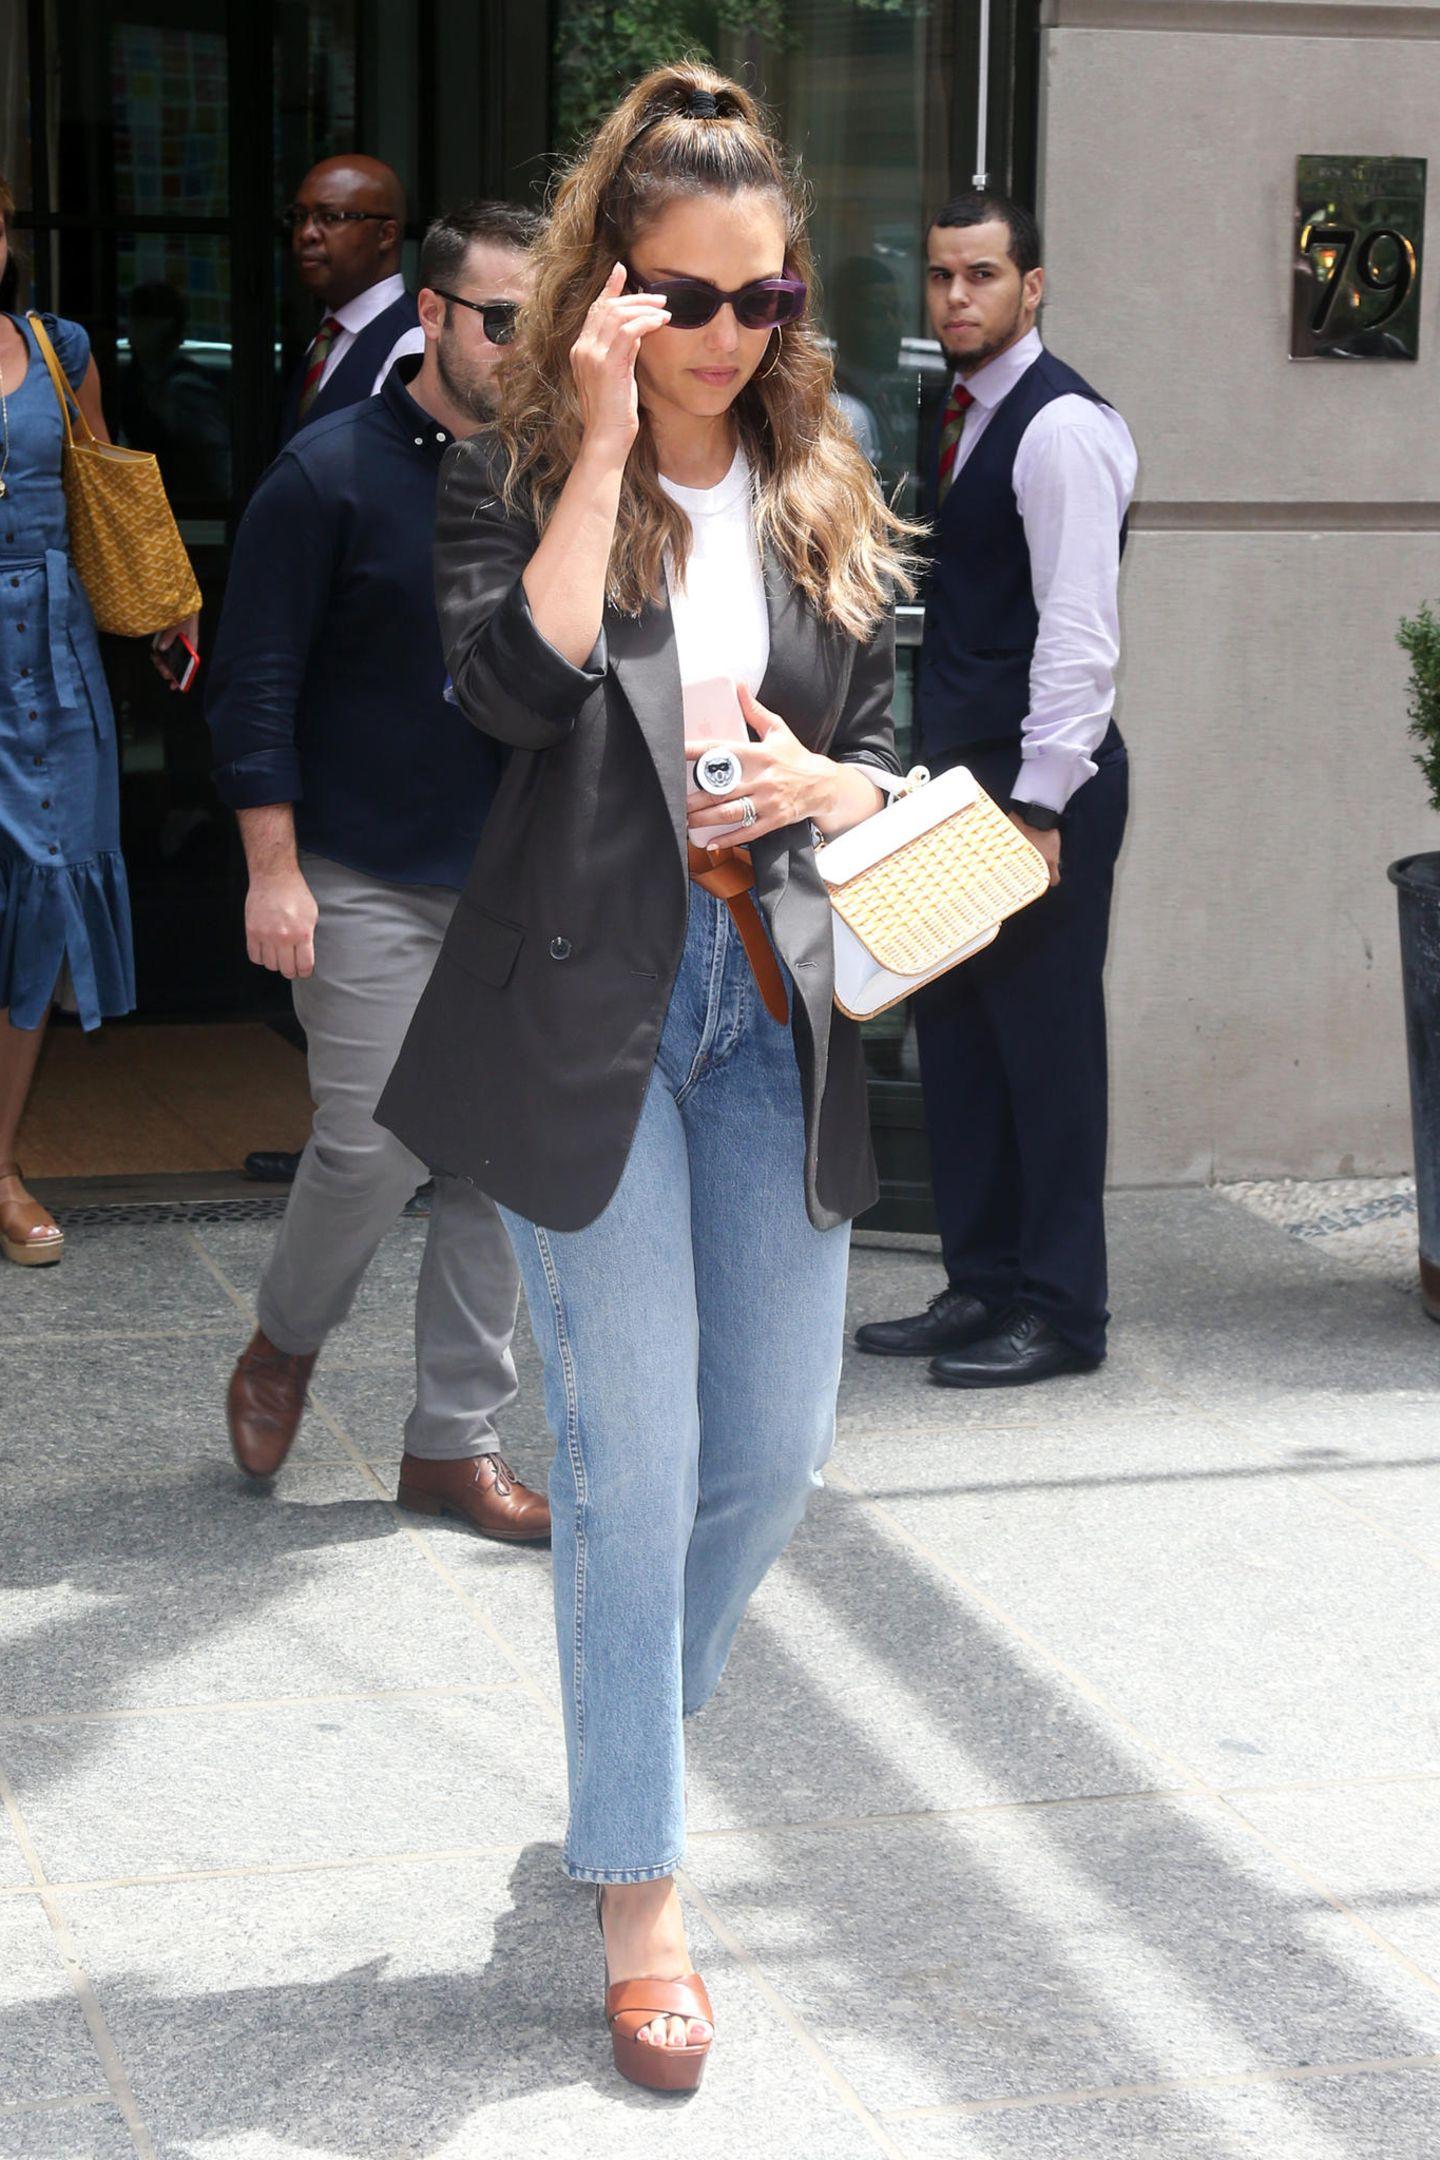 Perfekt gestylt verlässt Jessica Alba ihr Hotel in New York. Zur Jeans kombiniert sie ein schlichtes, weißes T-Shirt und einen schwarzen, doppelreihigen Blazer. Bei den Accessoires setzt sie auf Cognactöne und eine süße It-Bag. Nur wenige Stunden später zeigt sich die Schauspielerin dann in einem Casual-Look am Flughafen.